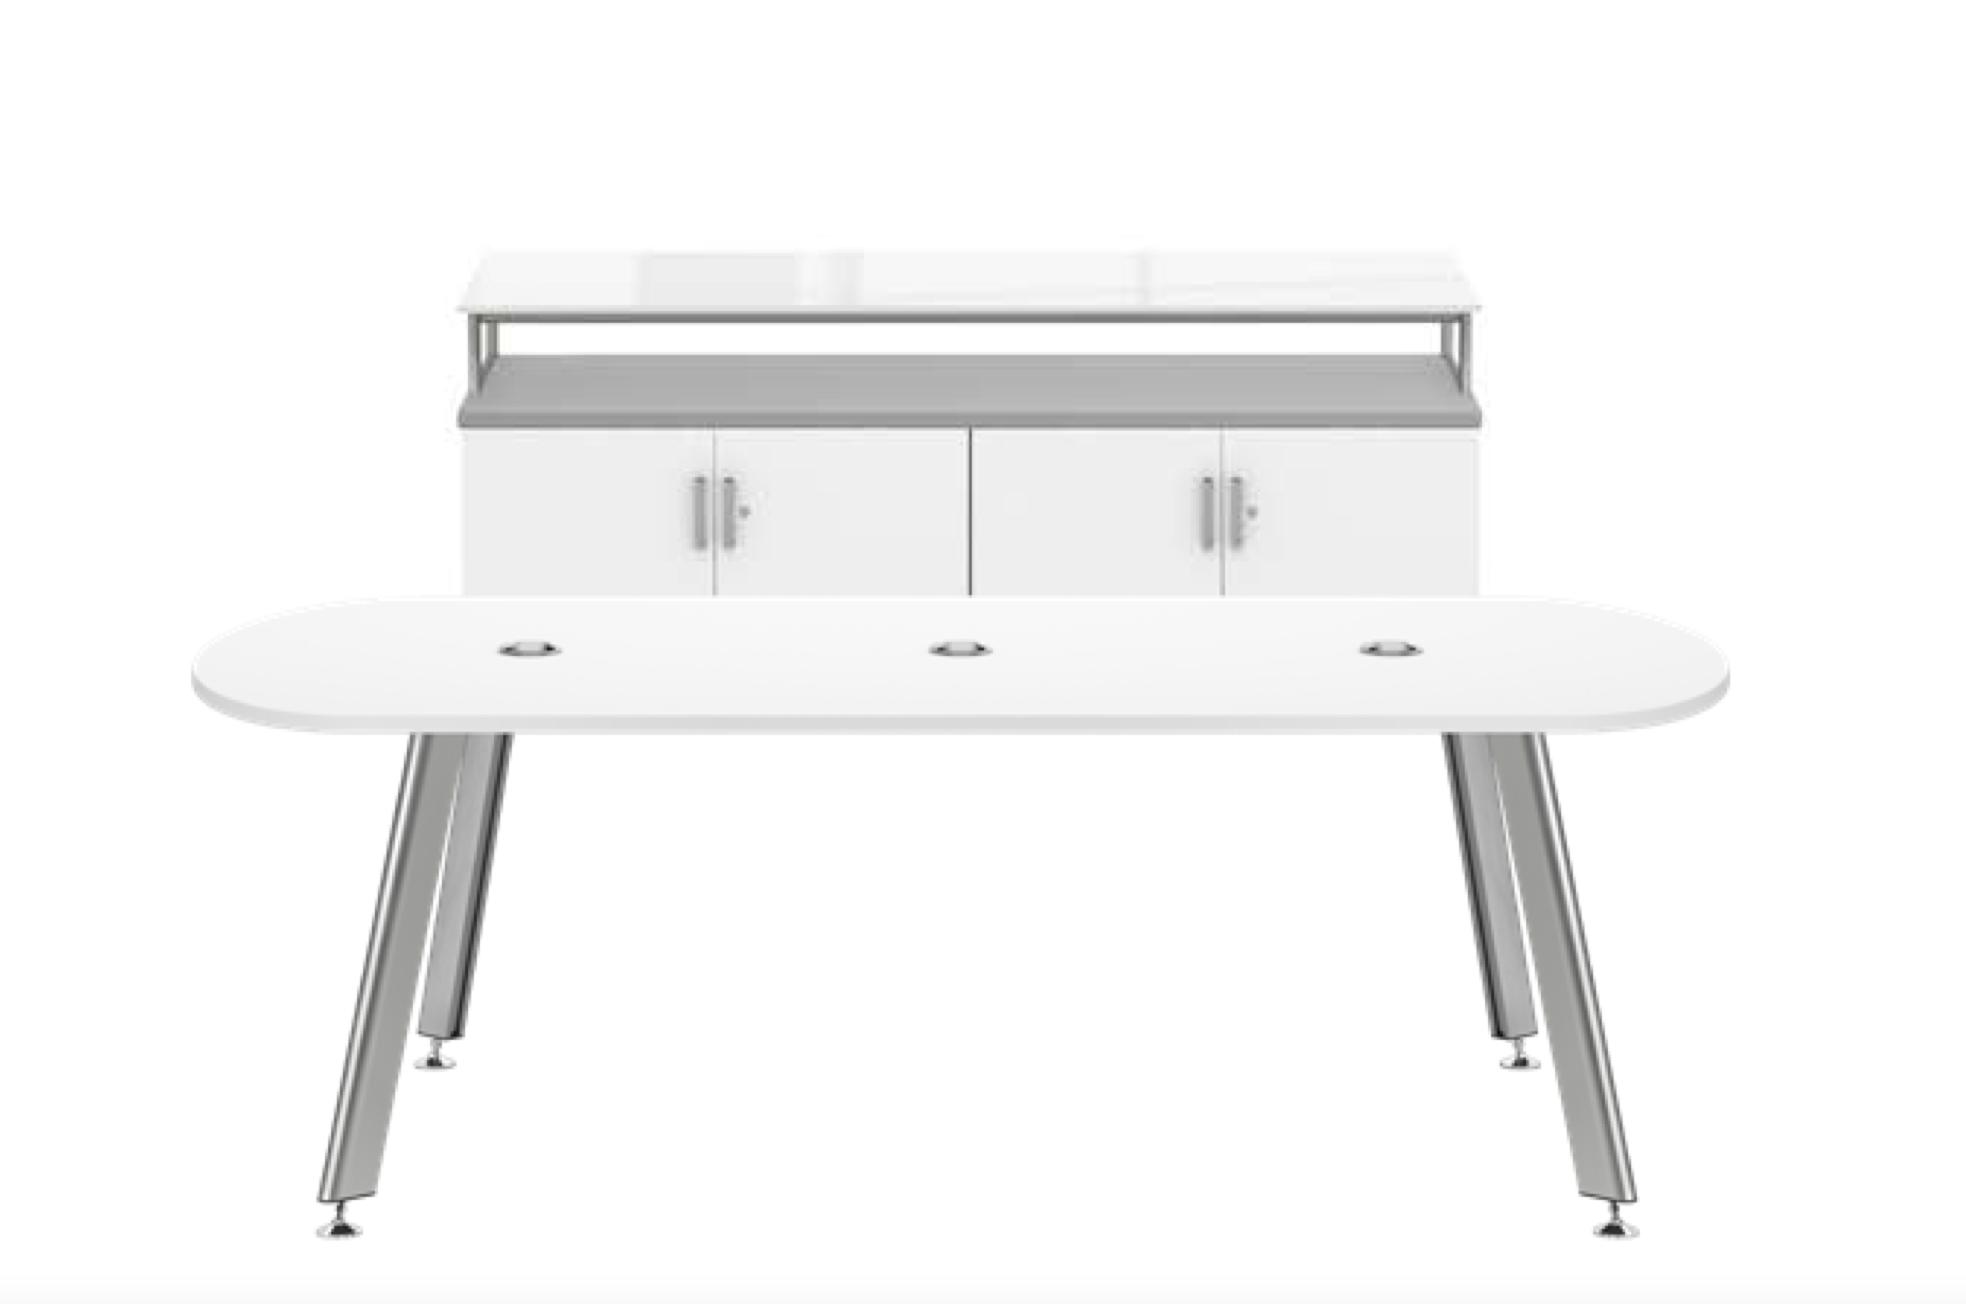 idesk conference furniture set